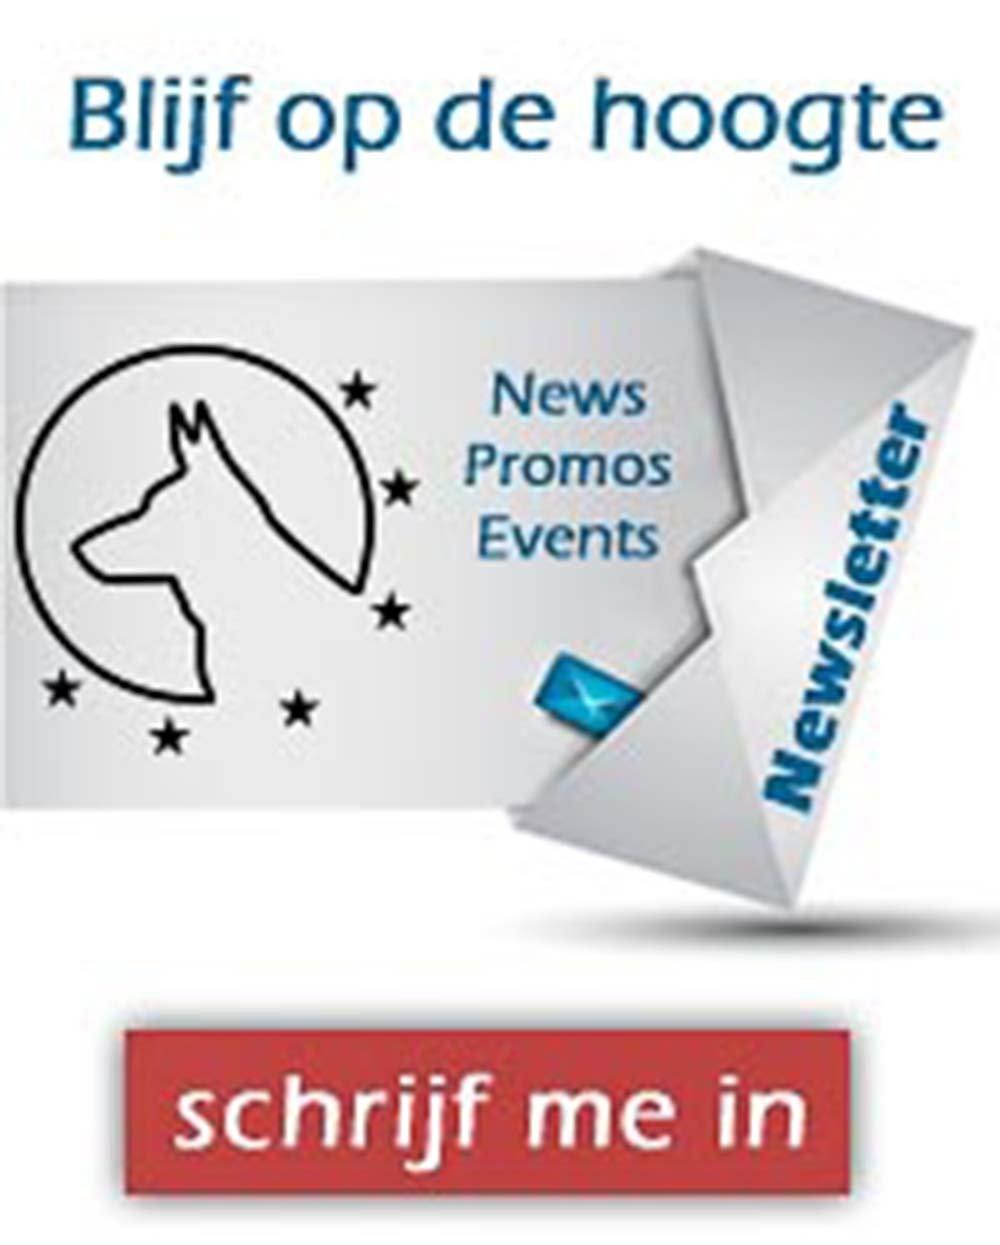 Inschrijven nieuwsbrief - Euro Joe - Paarden - Kledij - Honden - Hondensport - Huisdieren